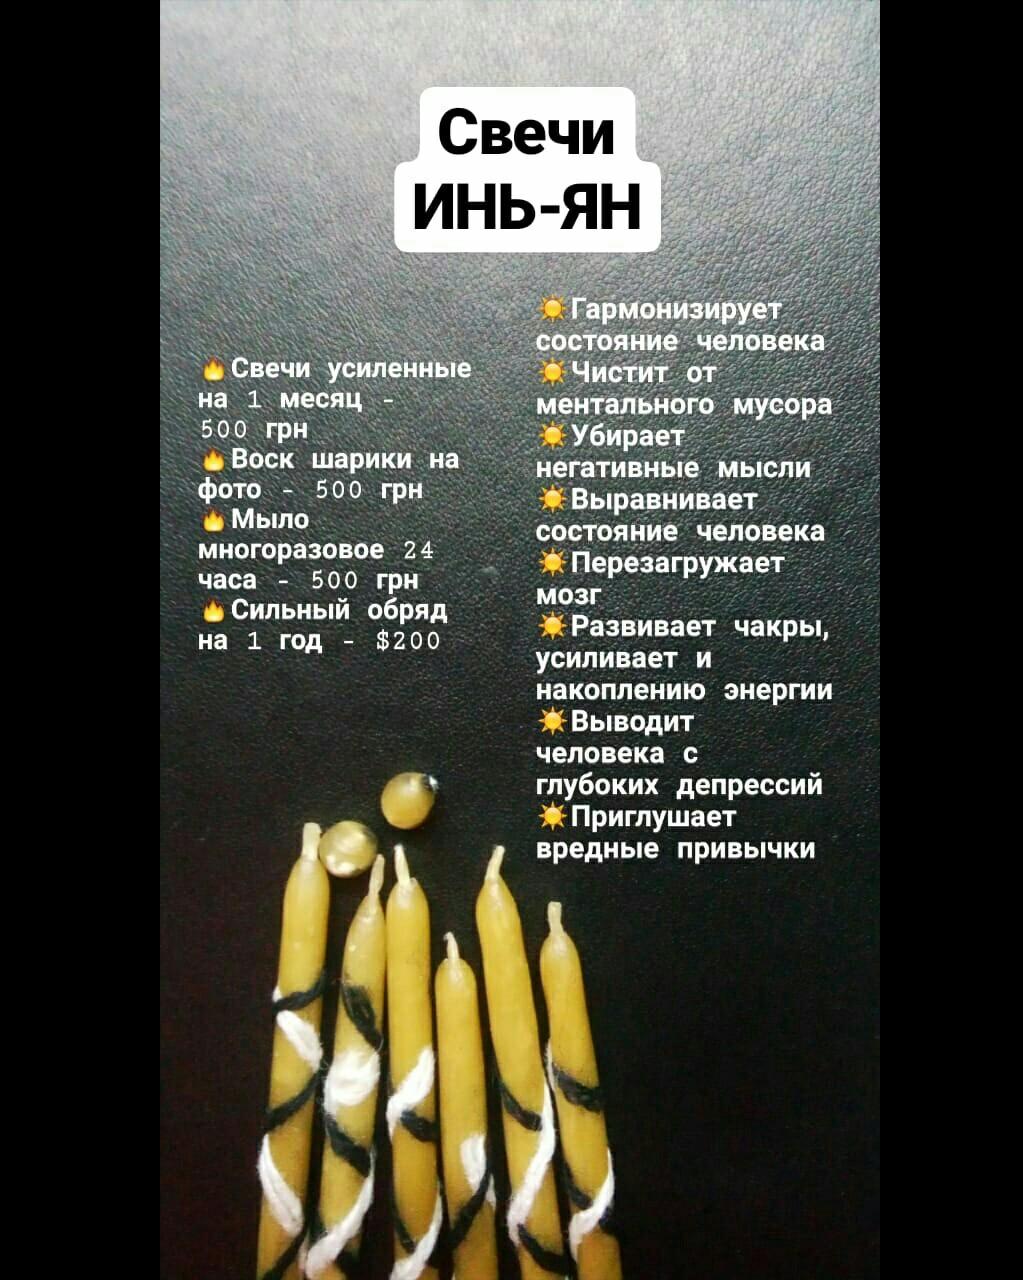 Хештег программныесвечиотеленыруденко на   Салон Магии и мистики Елены Руденко ( Валтеи ). Киев ,тел: 0506251562  Dr99fCQxa5Q